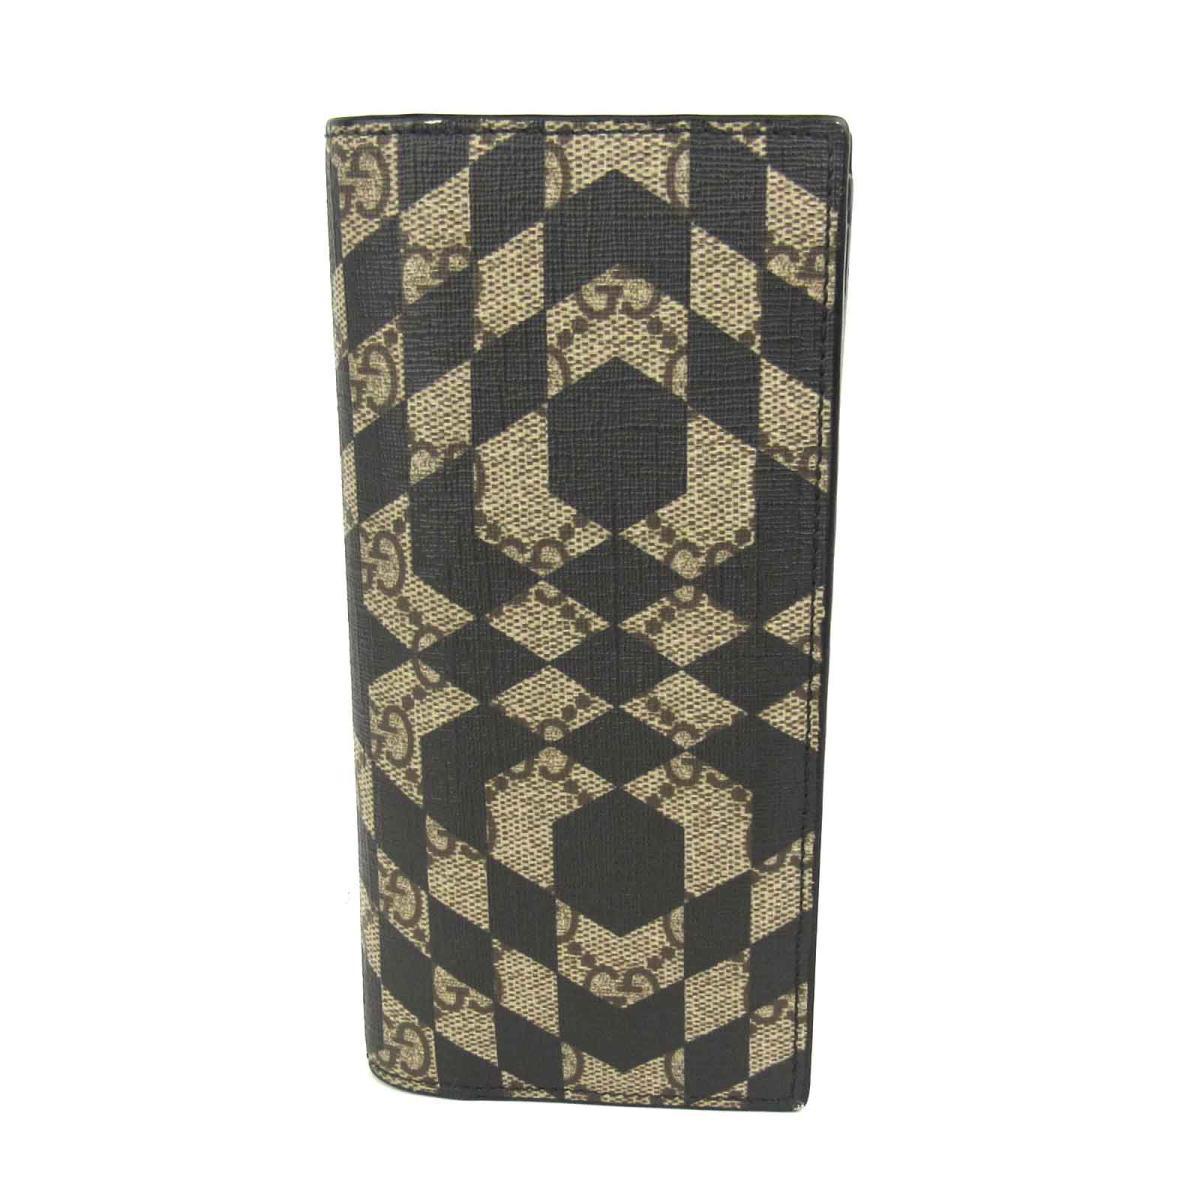 21ff13a73765 グッチ GGスプリーム 二つ折り長財布 財布 メンズ レディース コーティングキャンバス (PVC) ブラウン